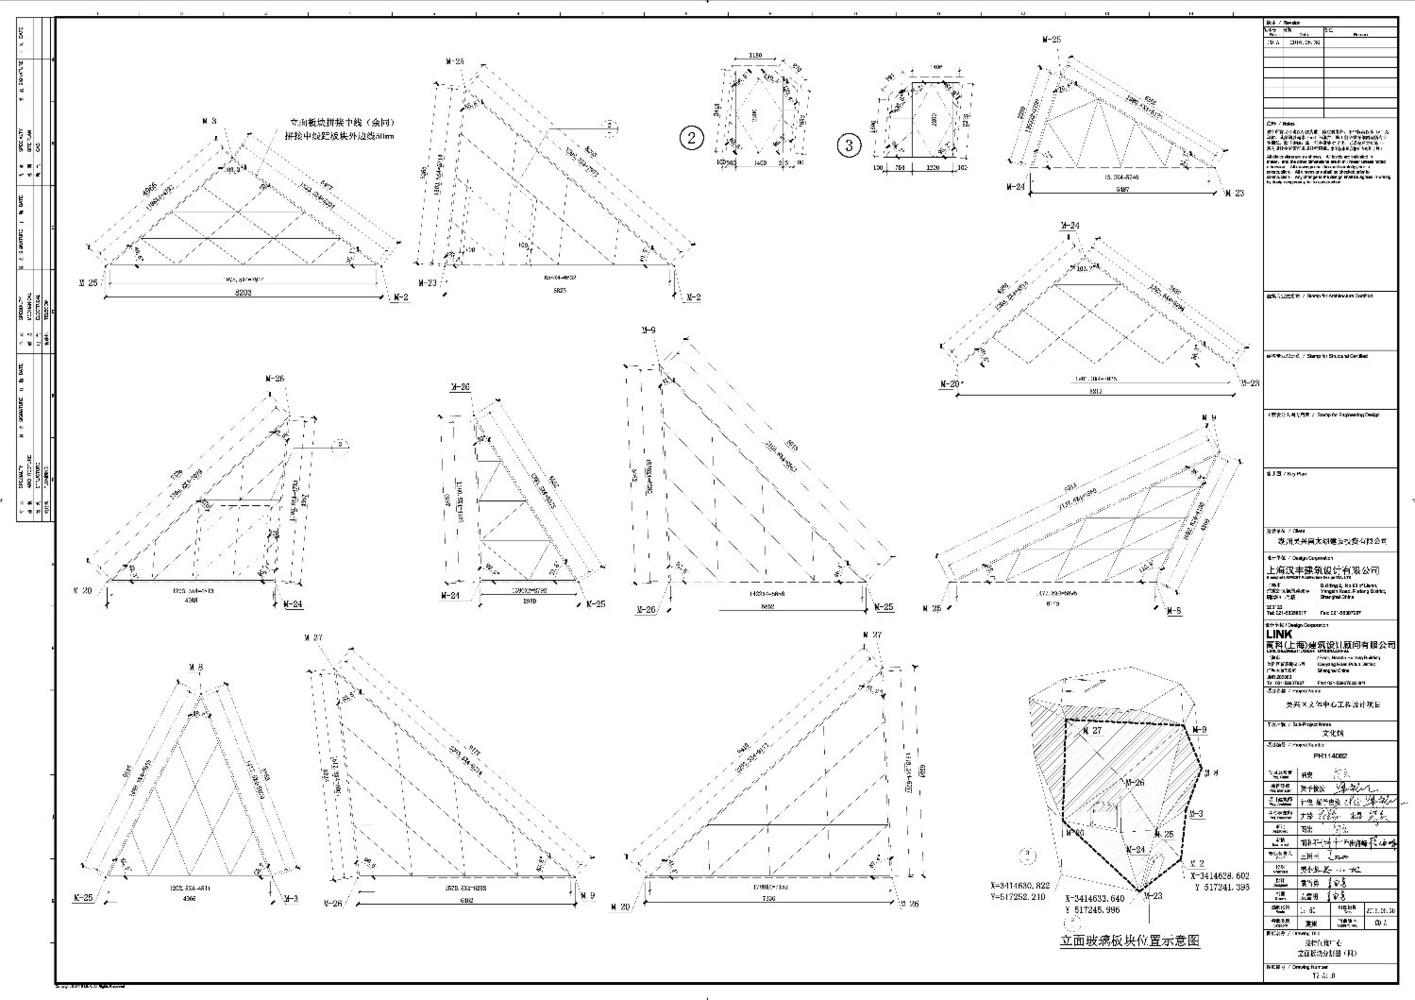 57结构分析.jpg